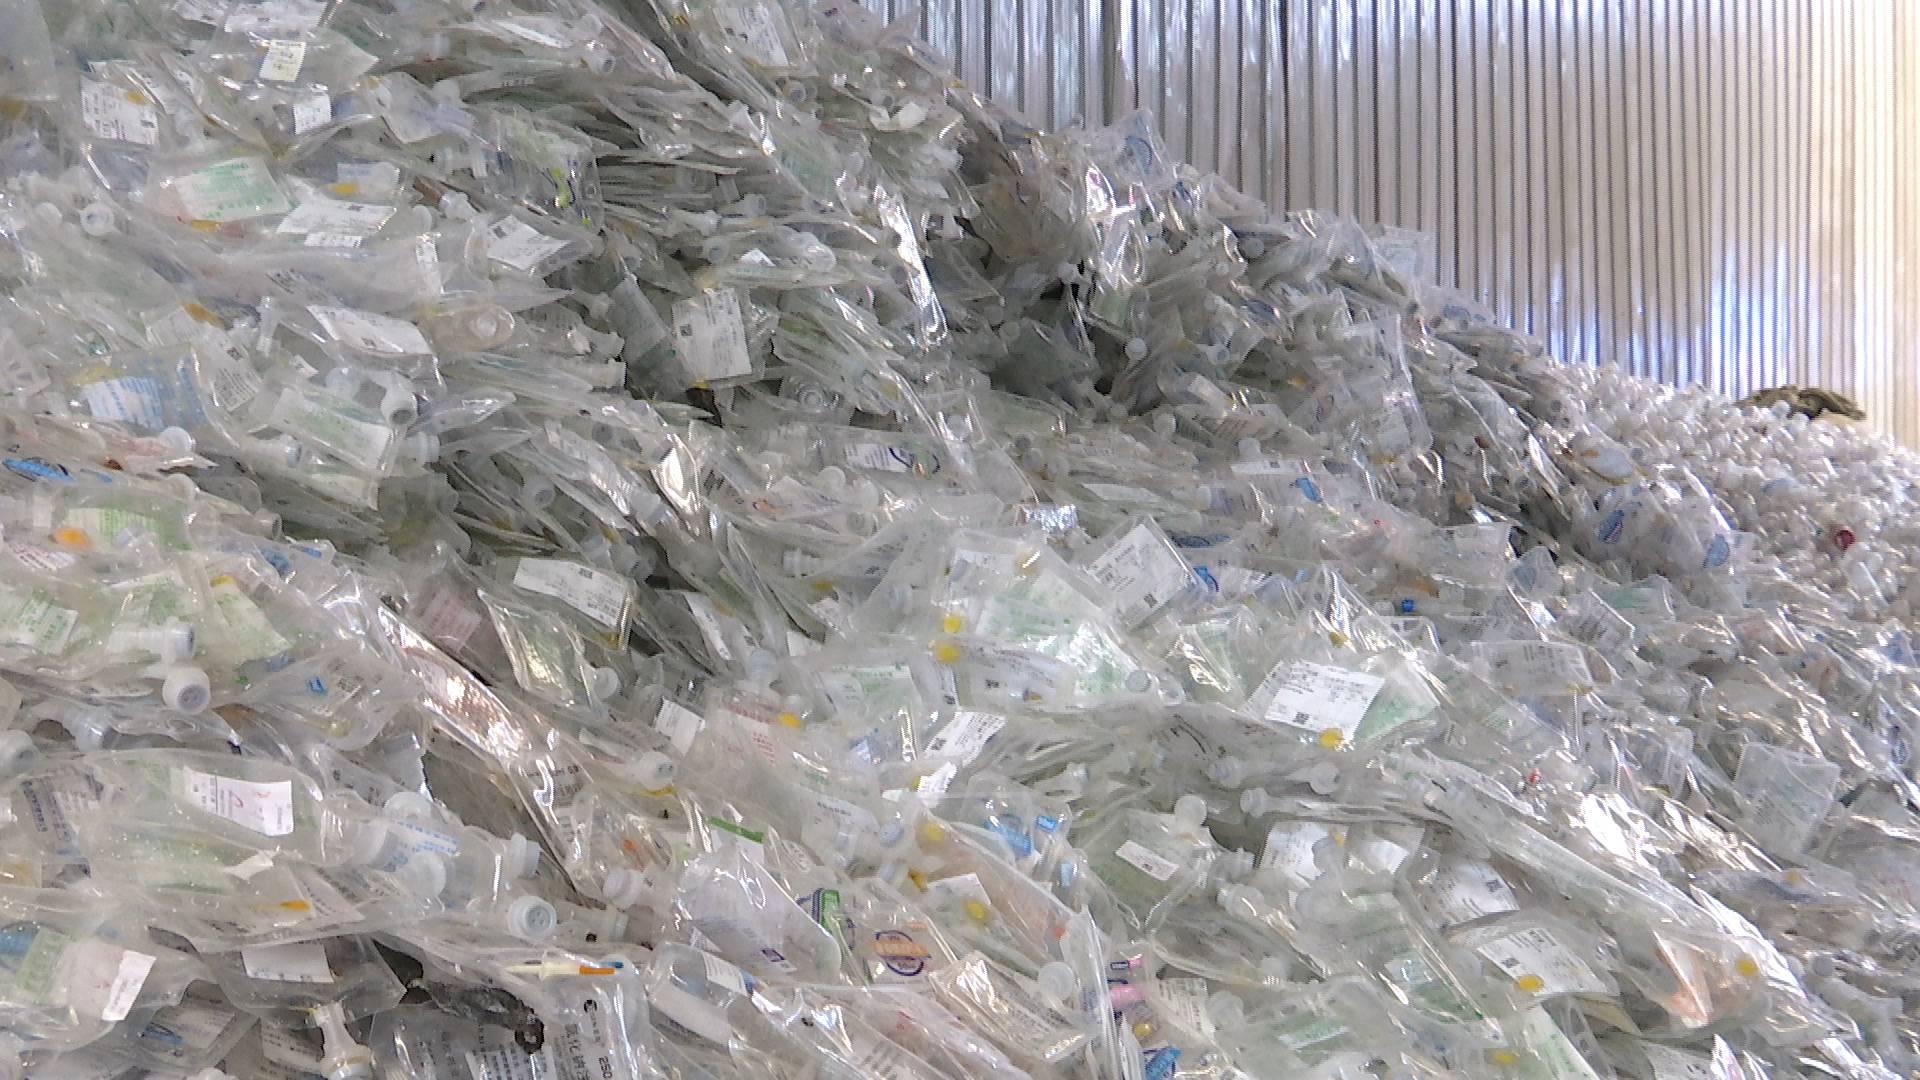 63秒|醫院醫療垃圾究竟去哪兒了? 泰安這家企業做法讓人吃驚